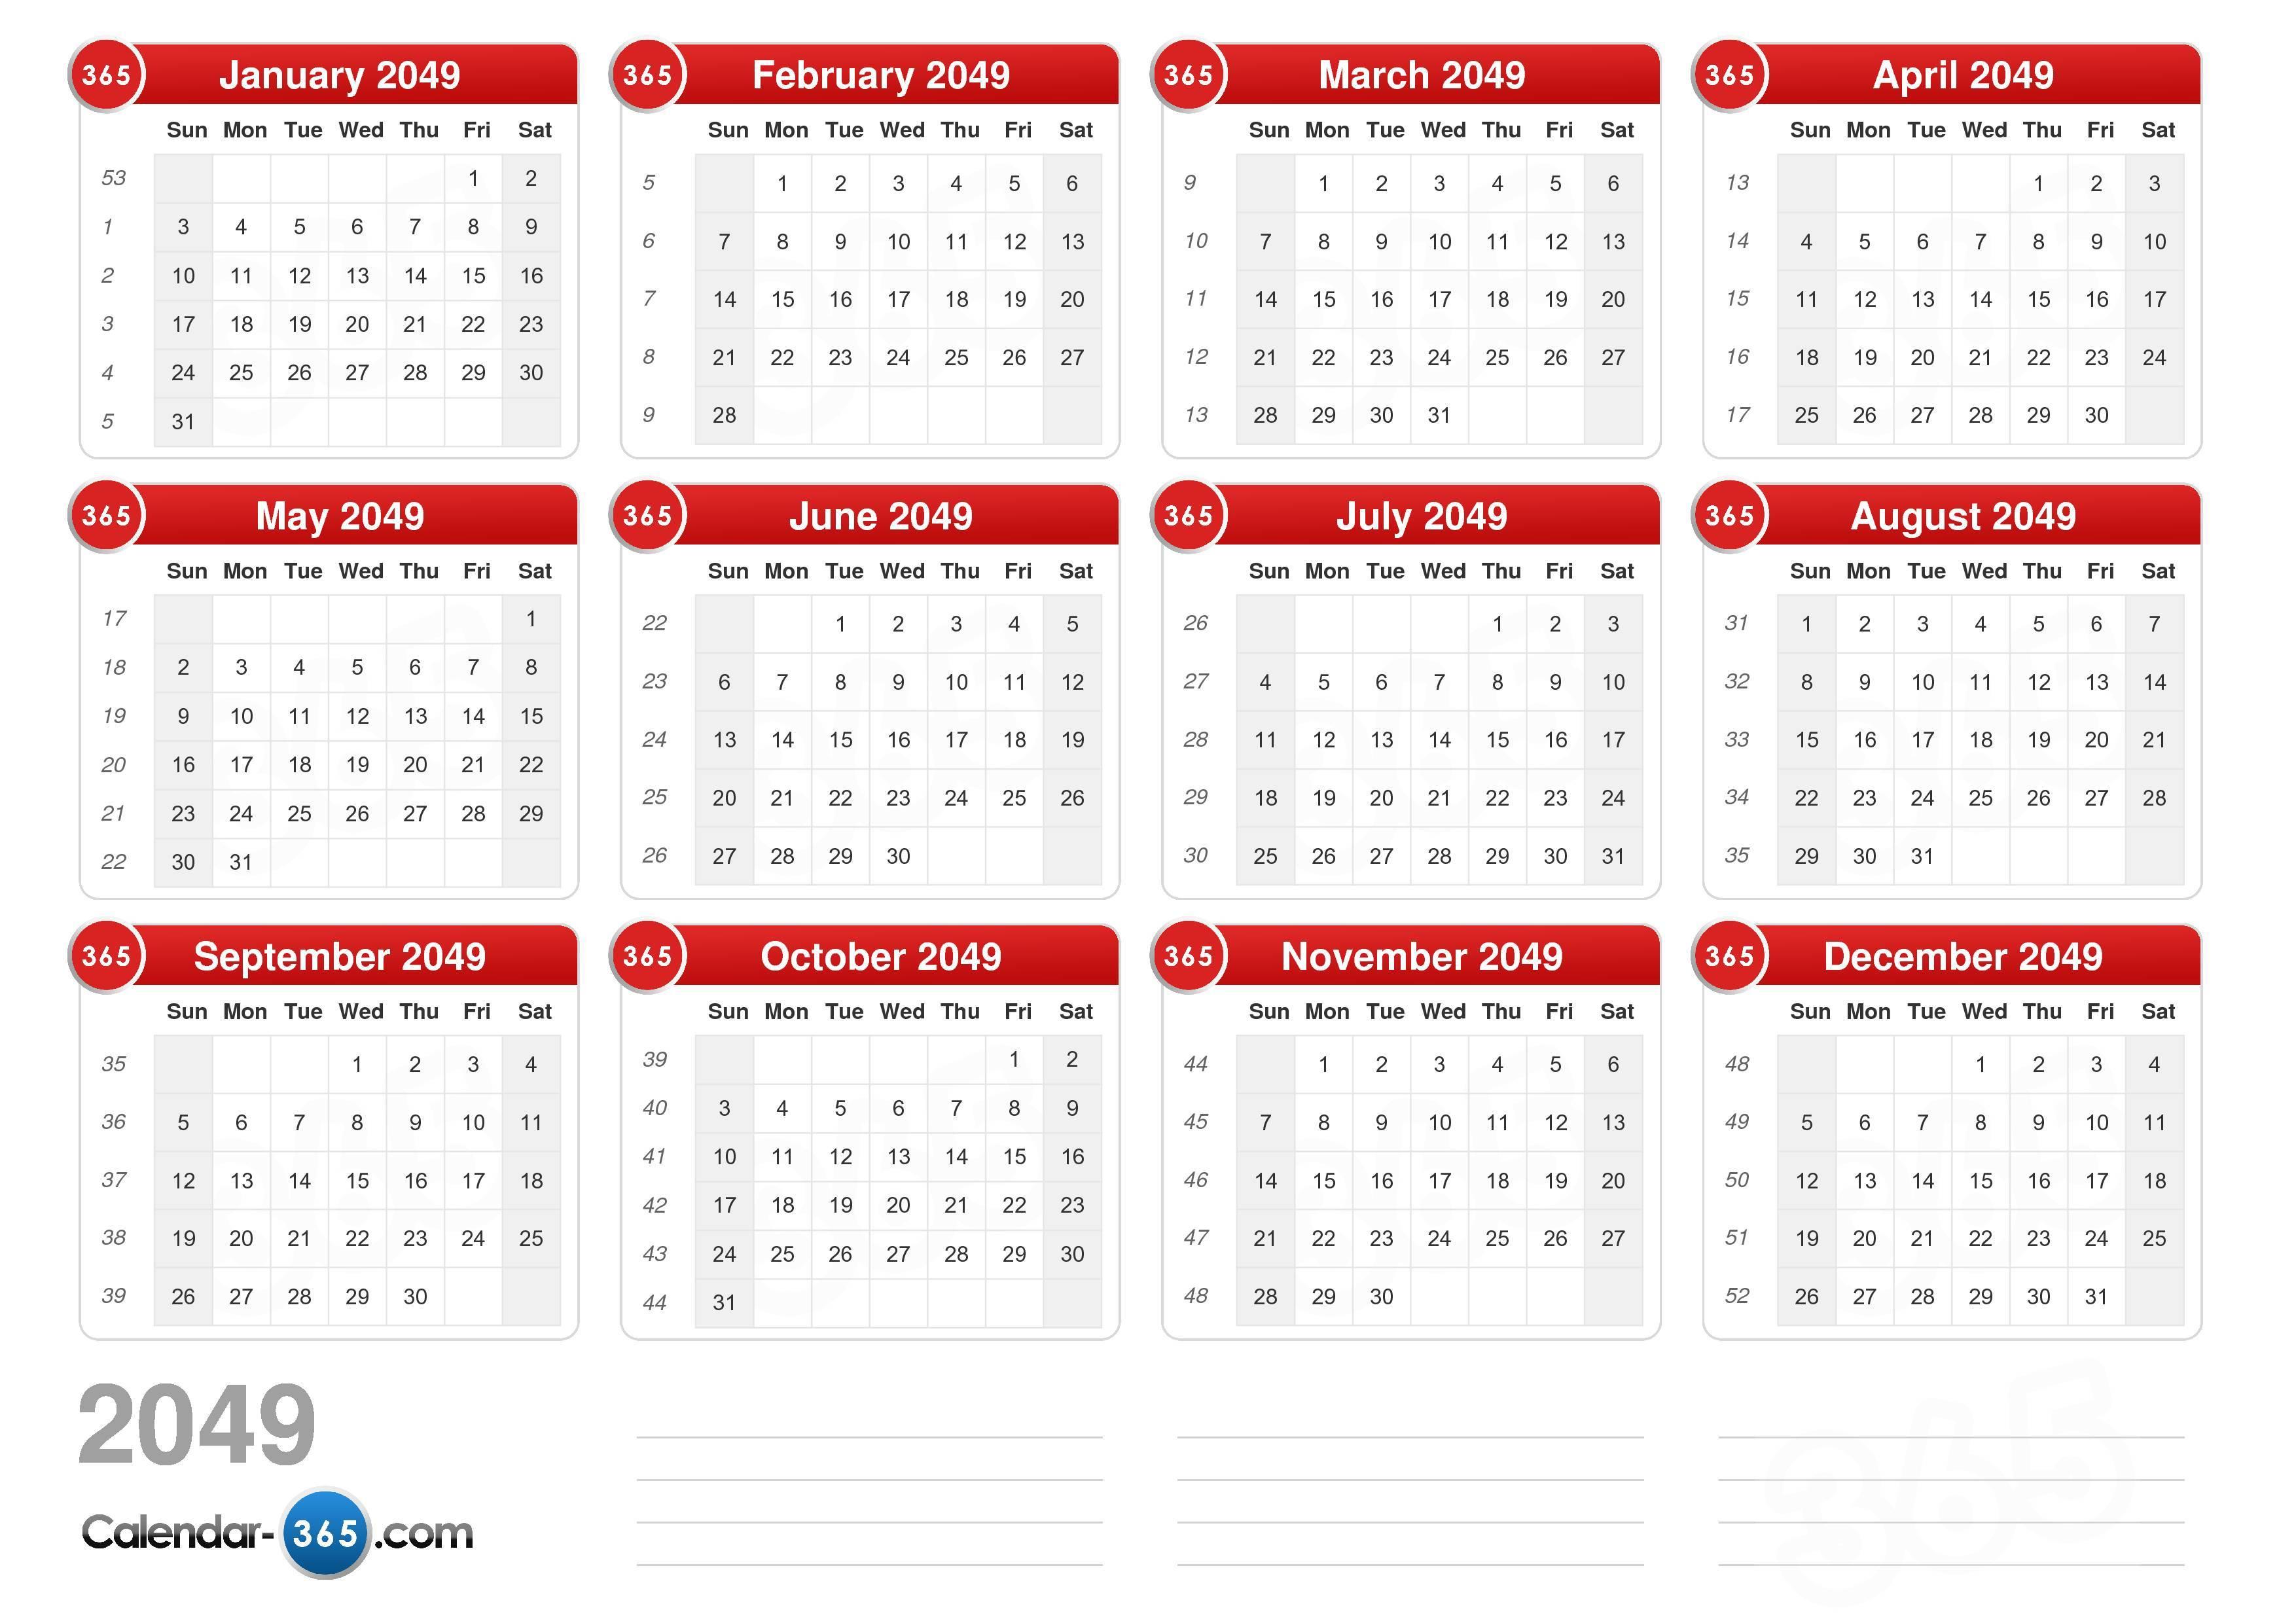 2049 calendar v2